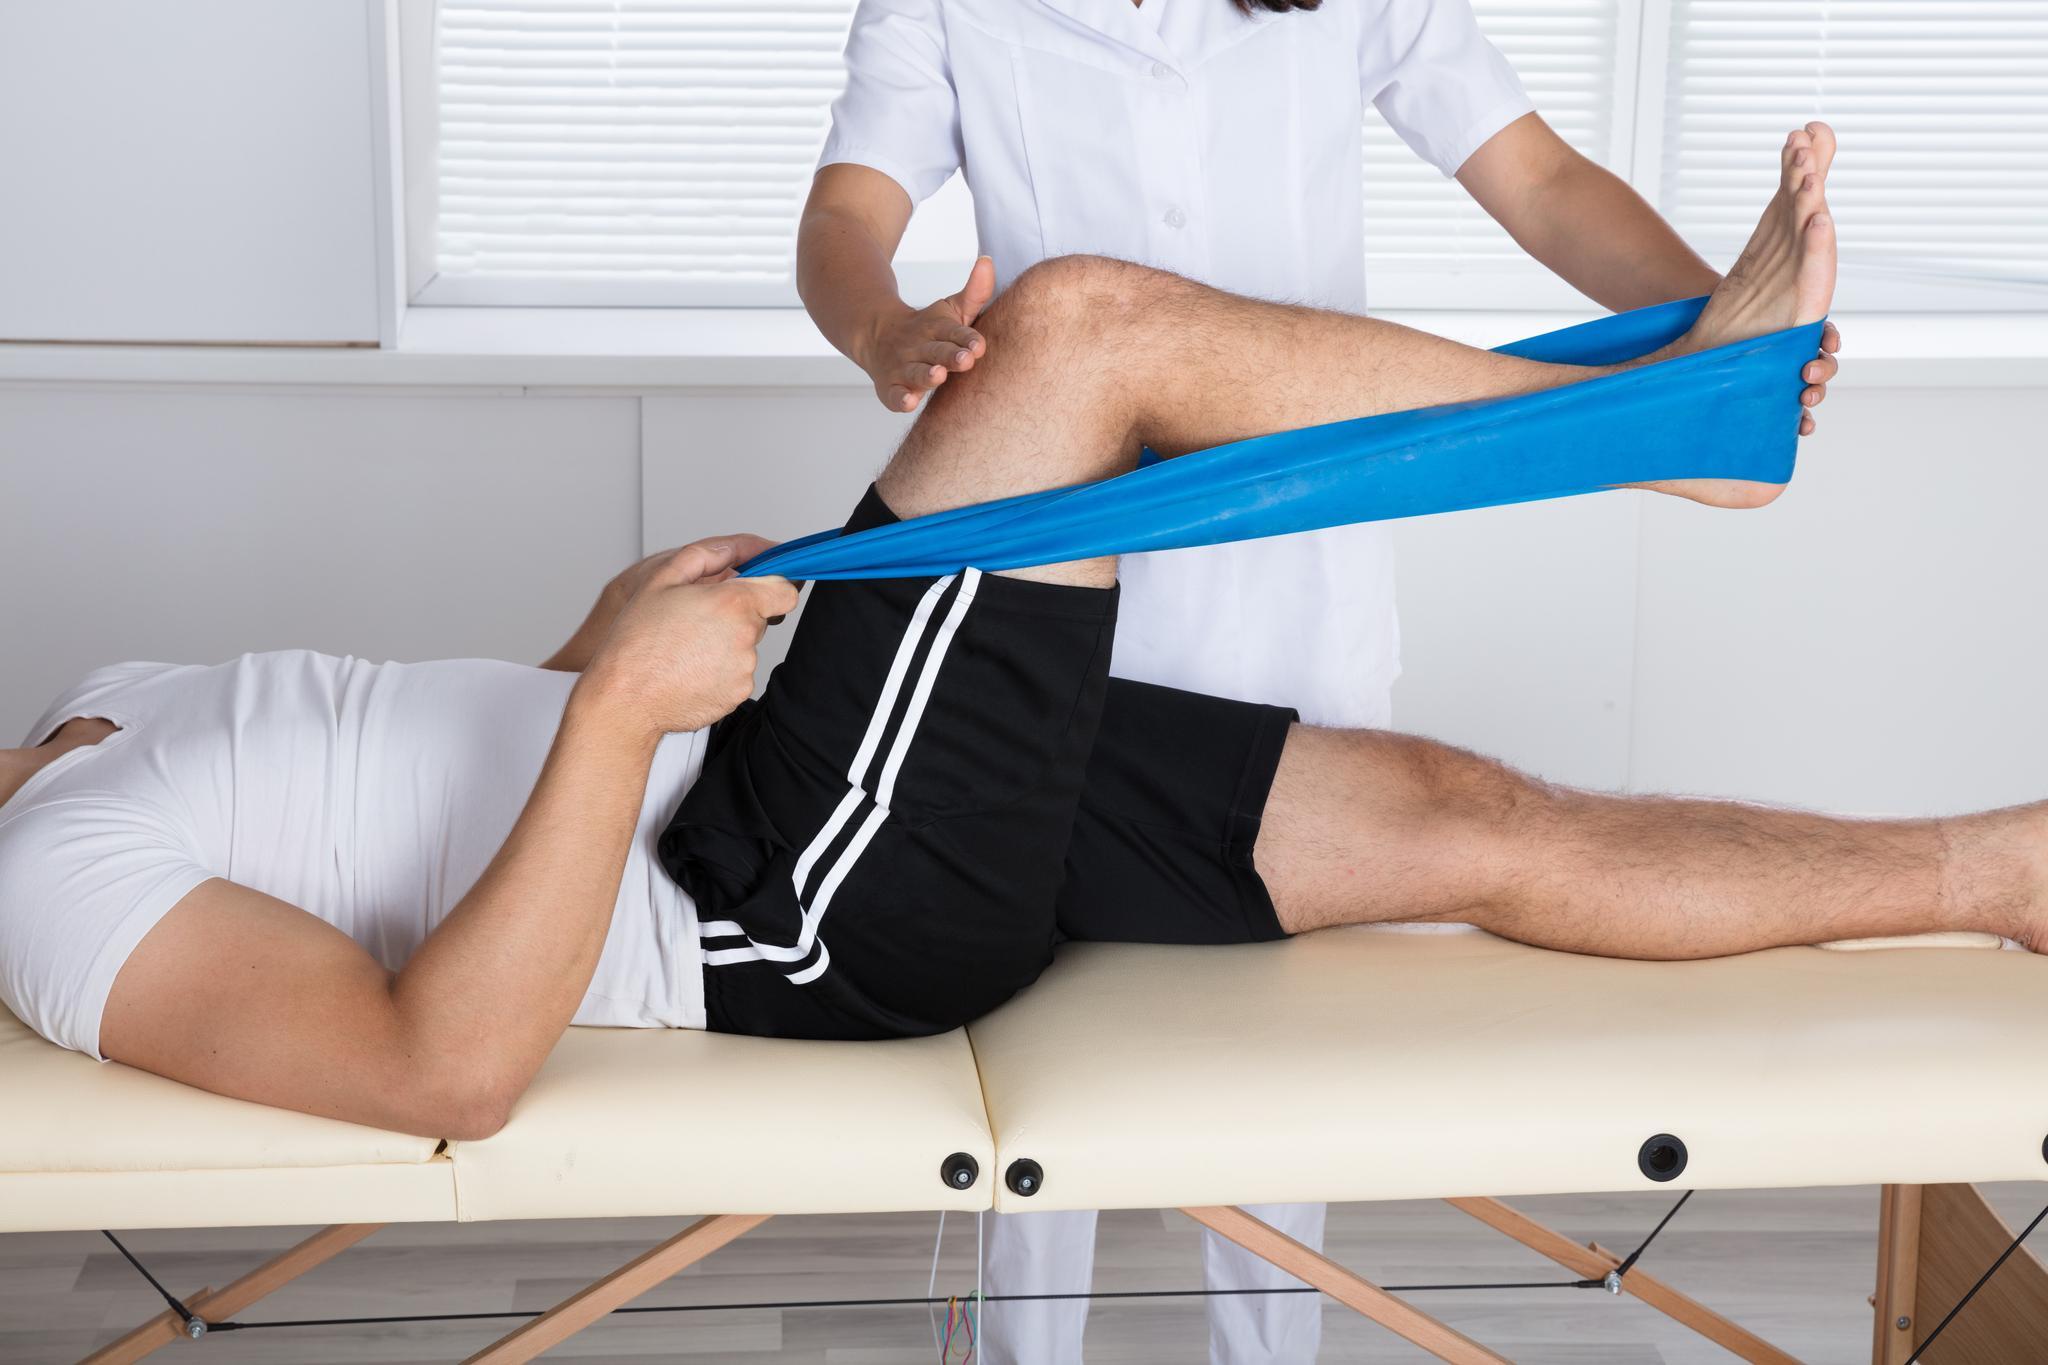 Mann trainiert sein Bein auf der Liege eines Physiotherapeuten